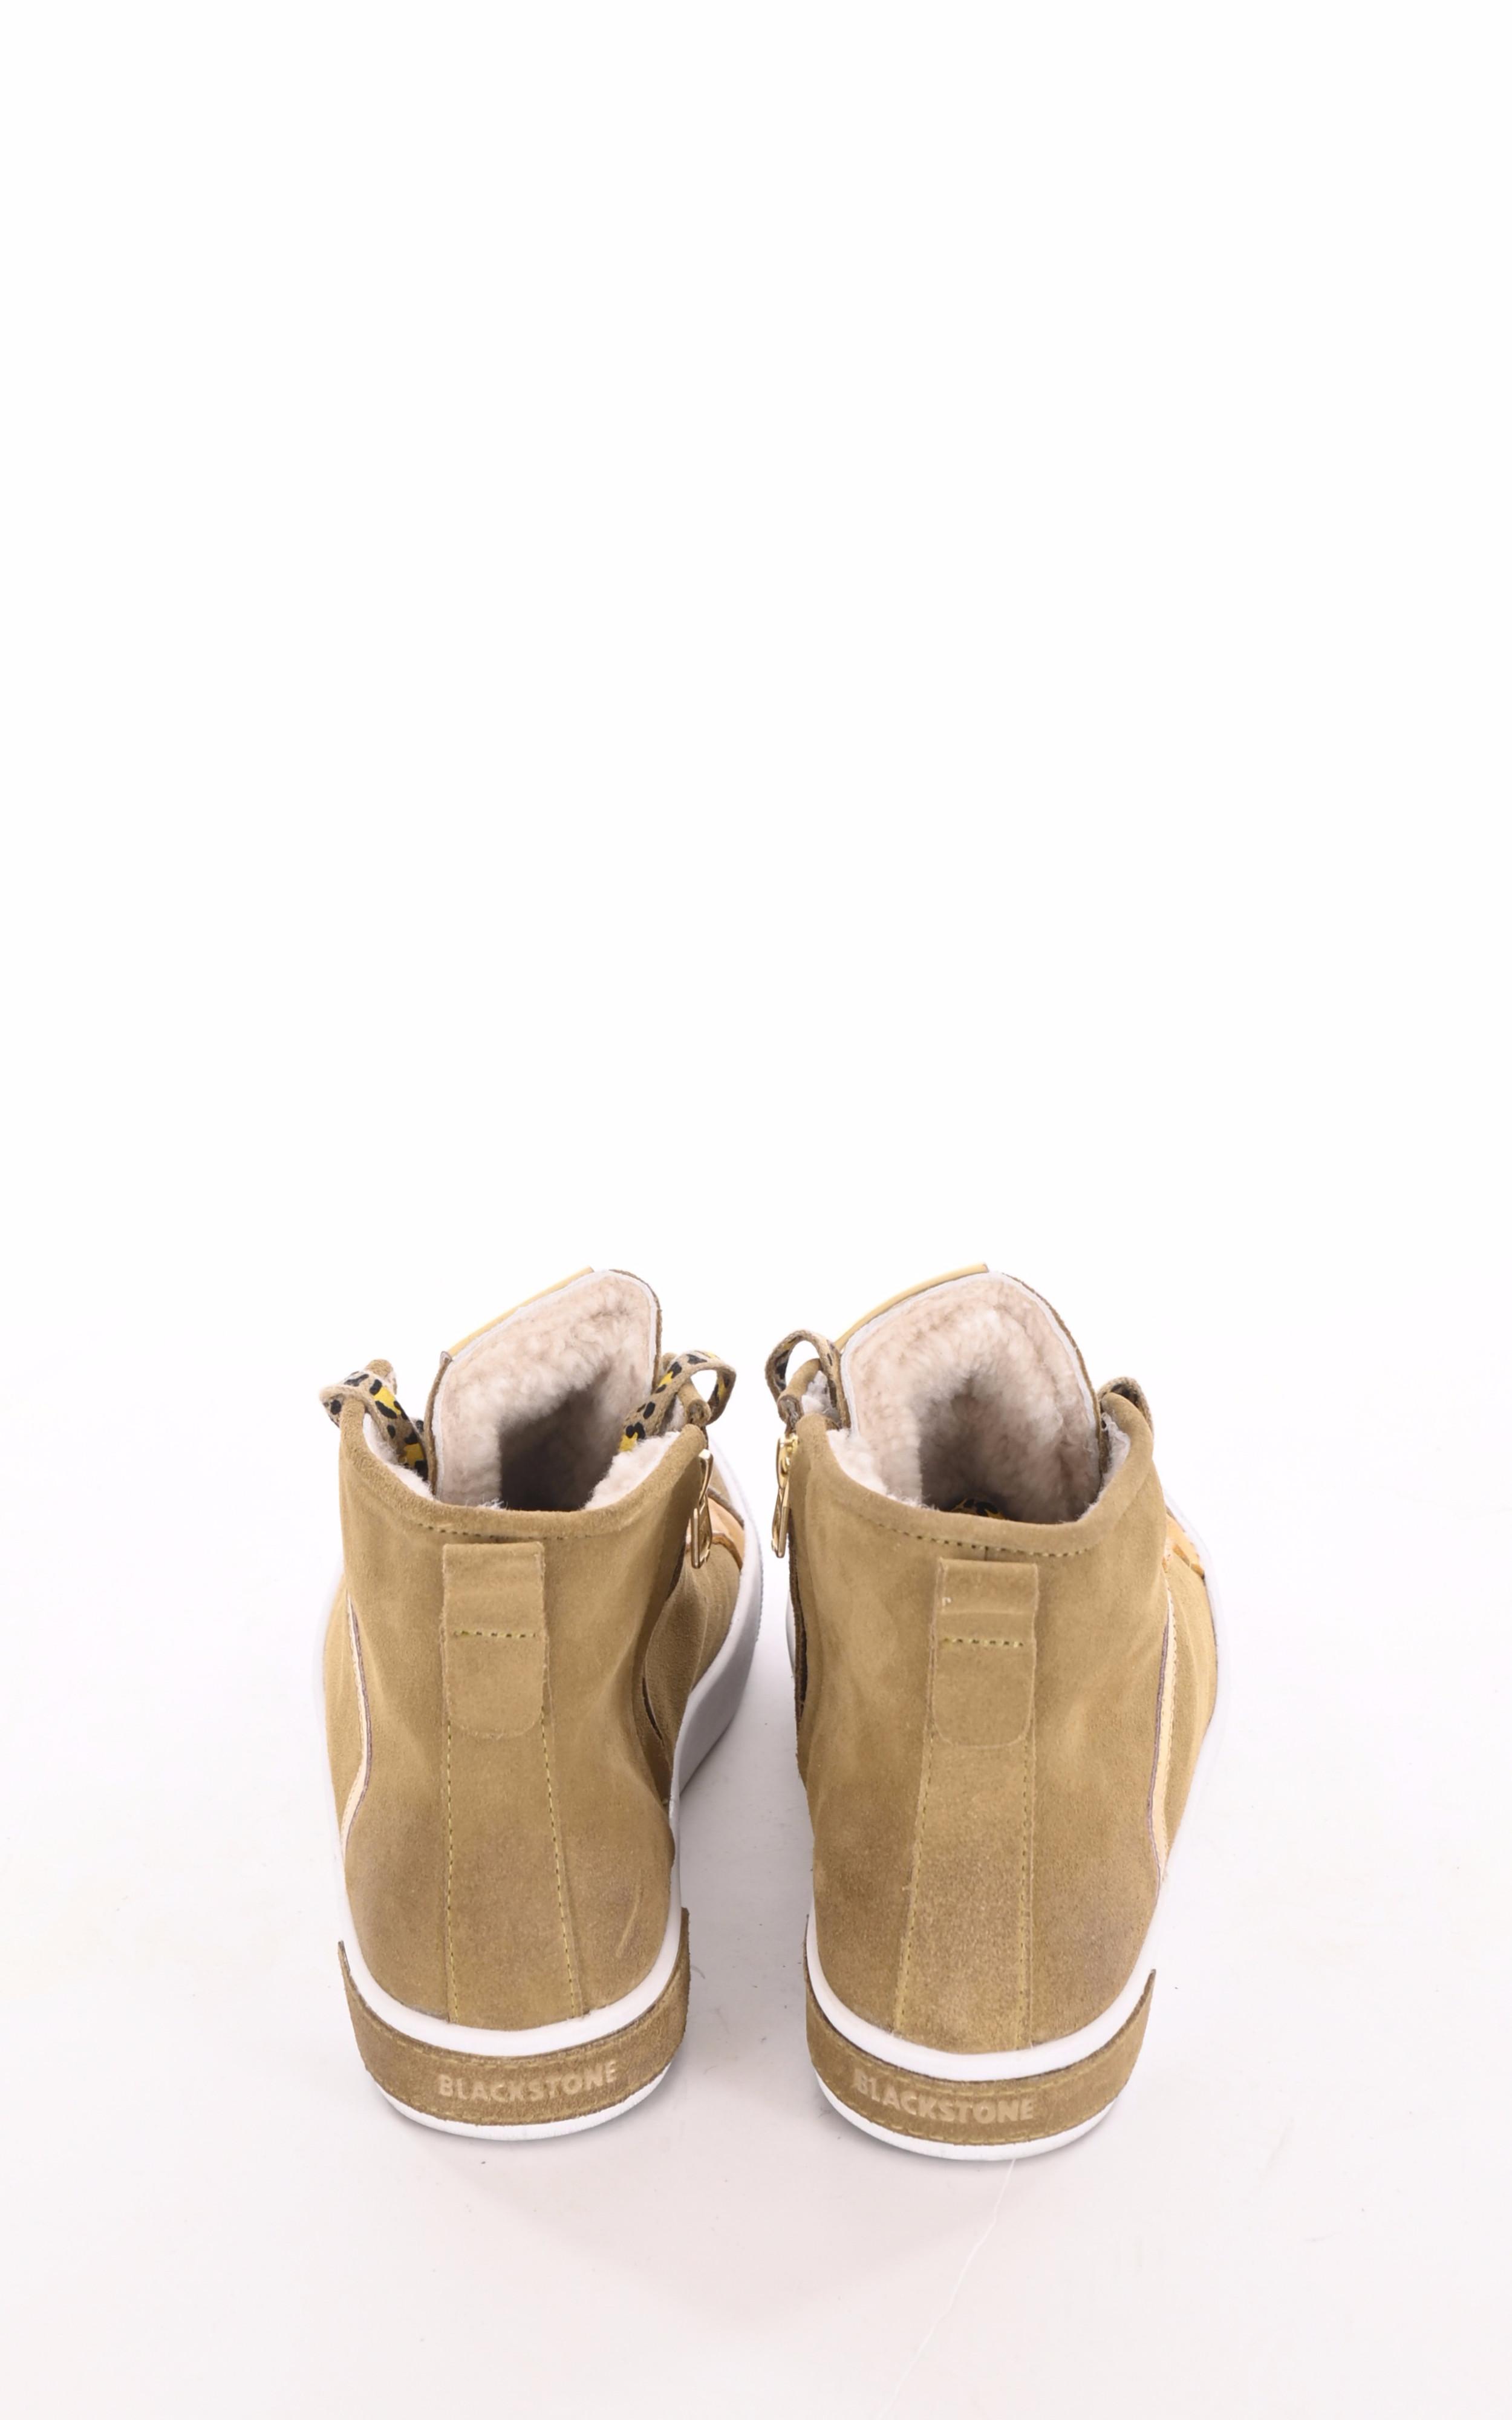 Baskets fourrées mouton camel Blackstone